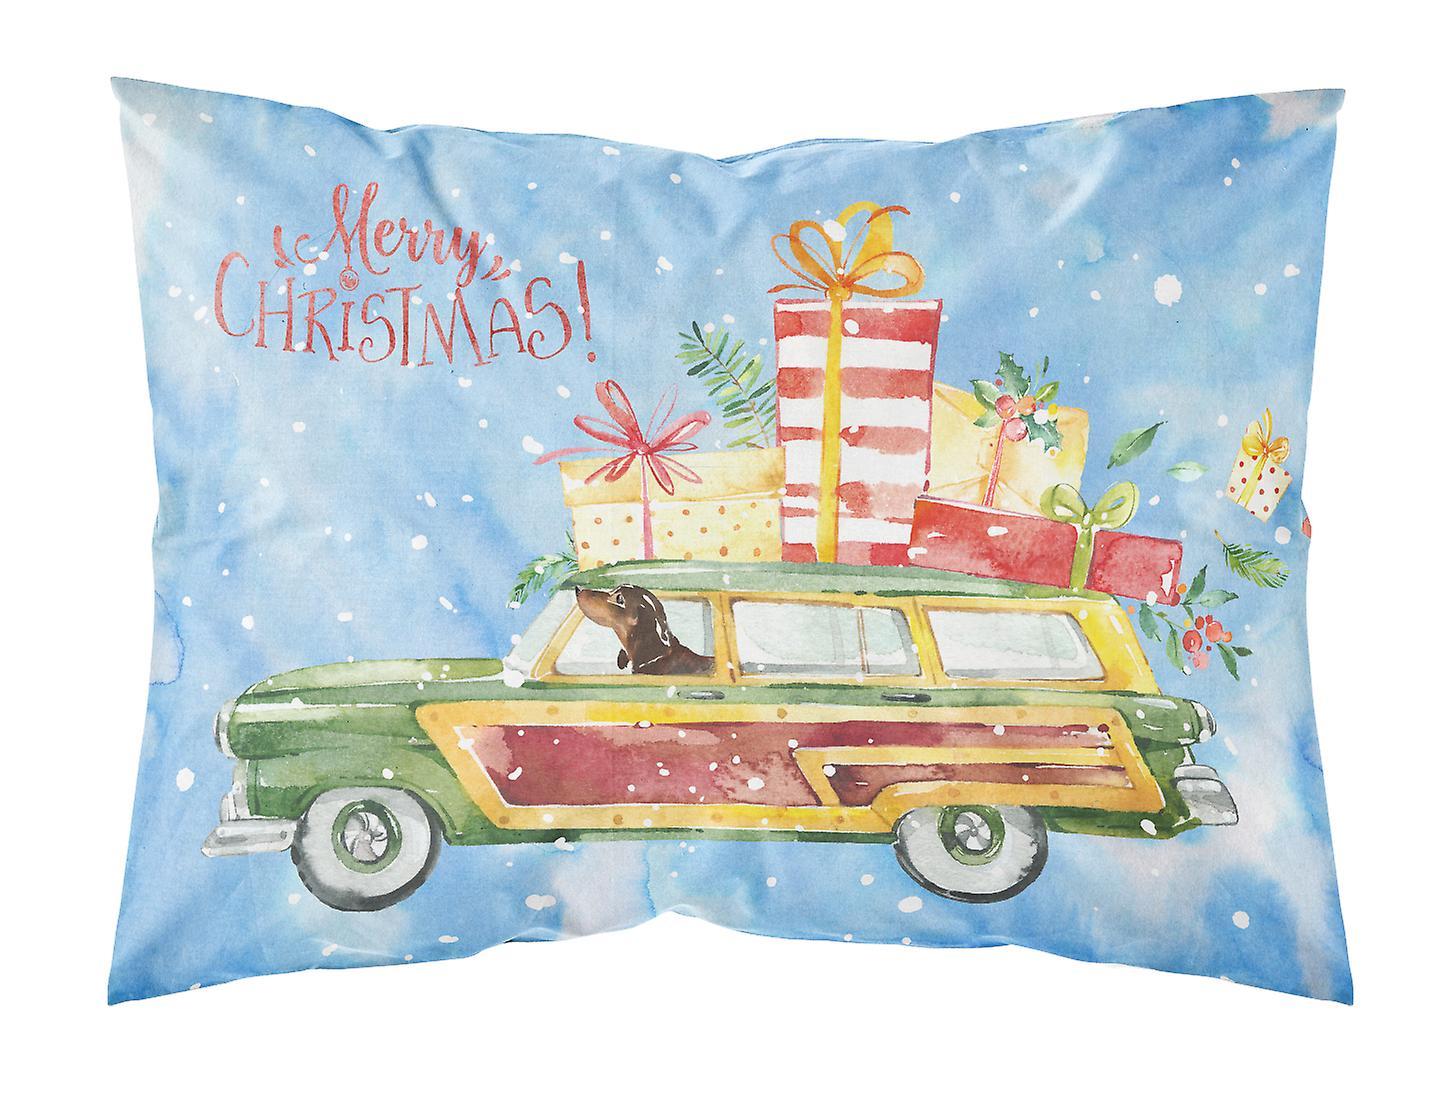 D'oreiller Standard De Christmas Dachshund Tissu Taie Merry 534RjLA